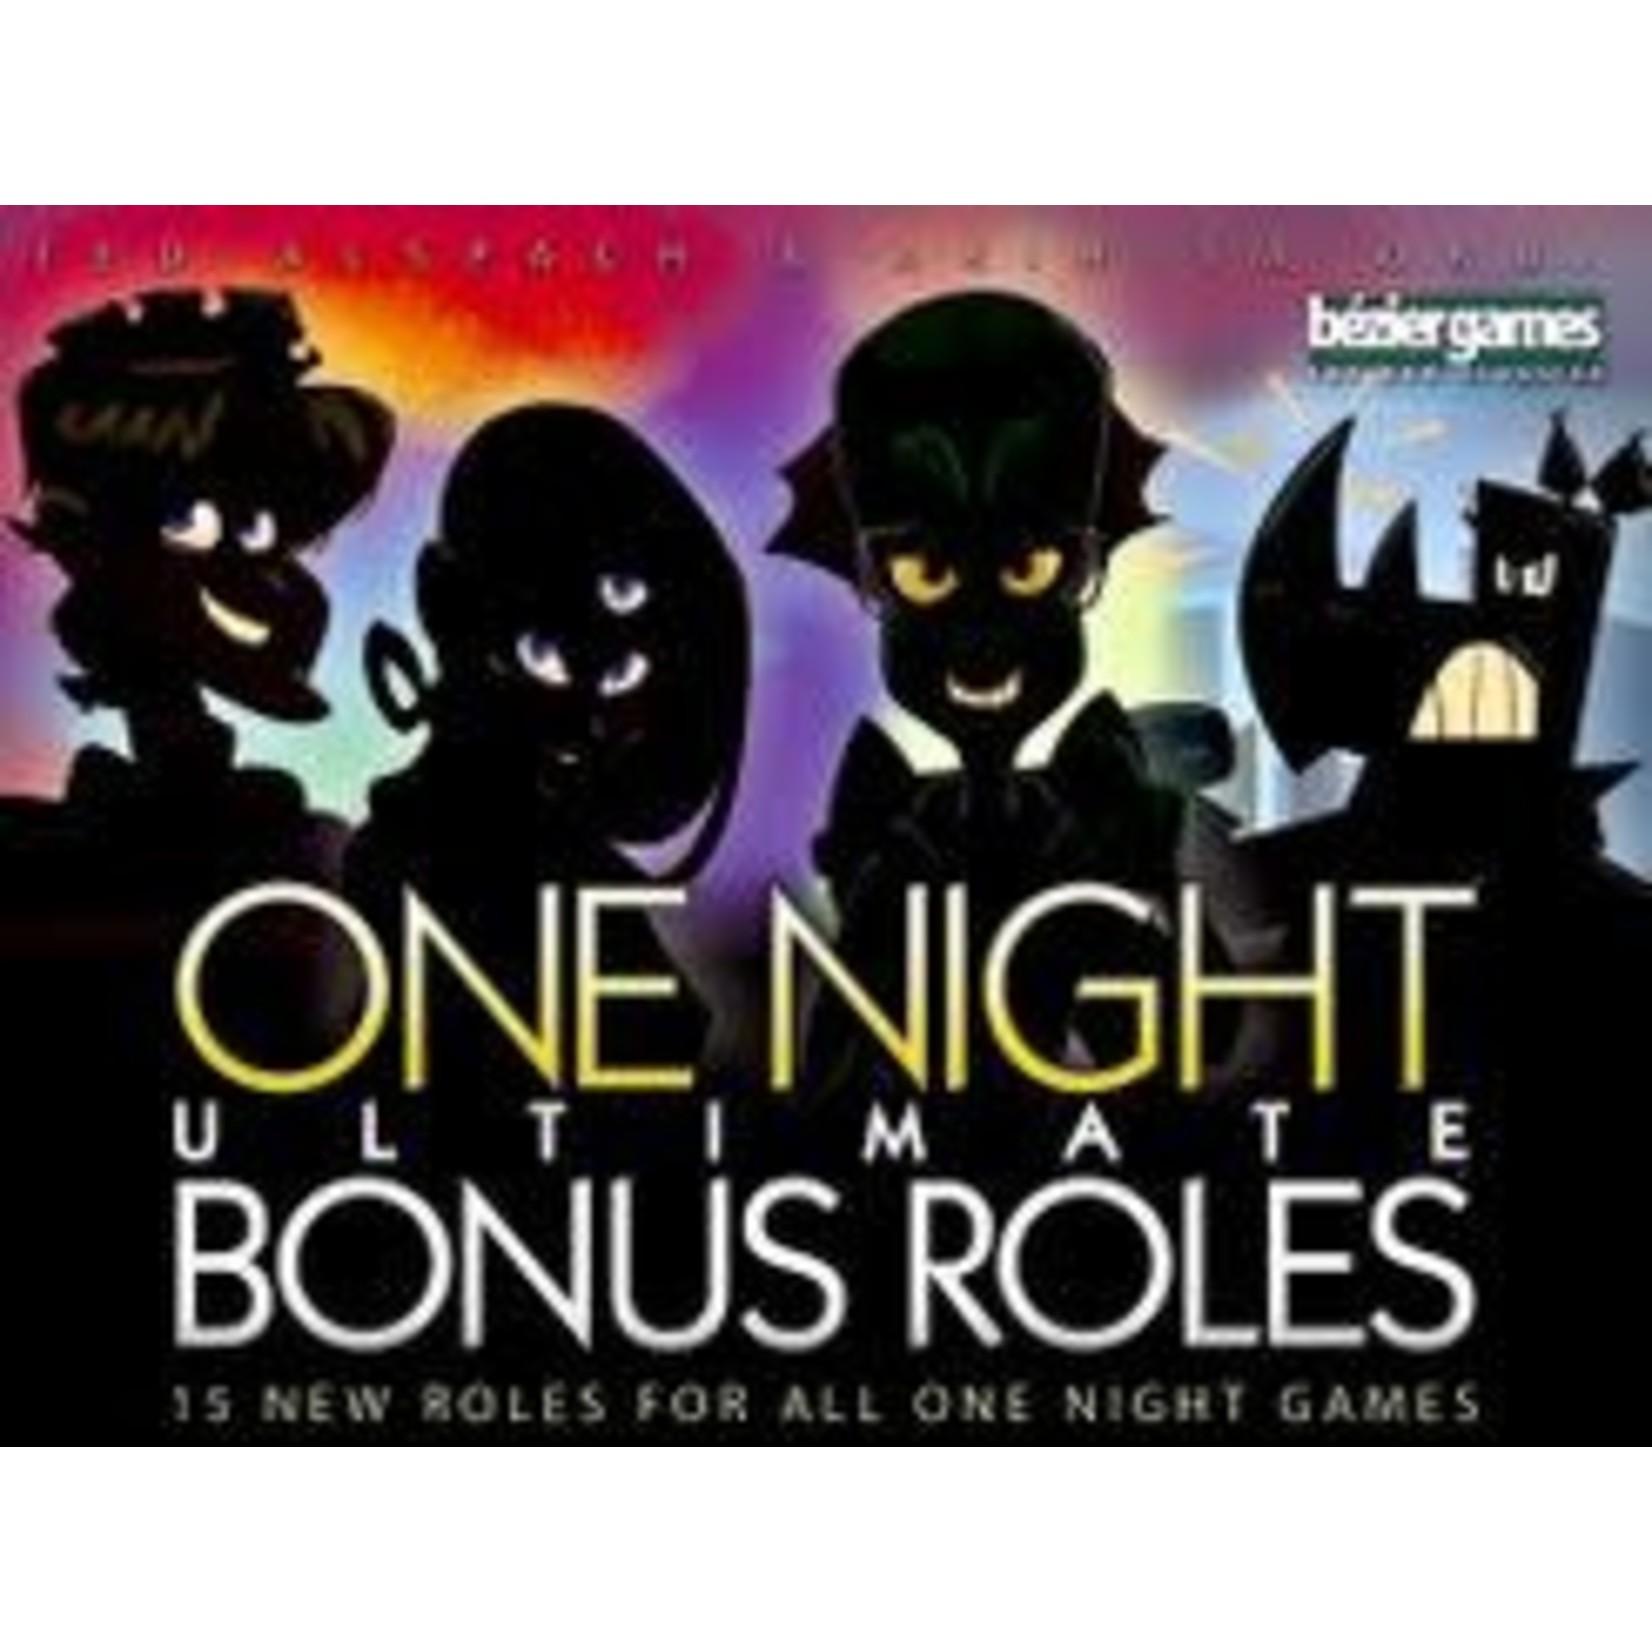 One Night: Bonus Roles Expansion